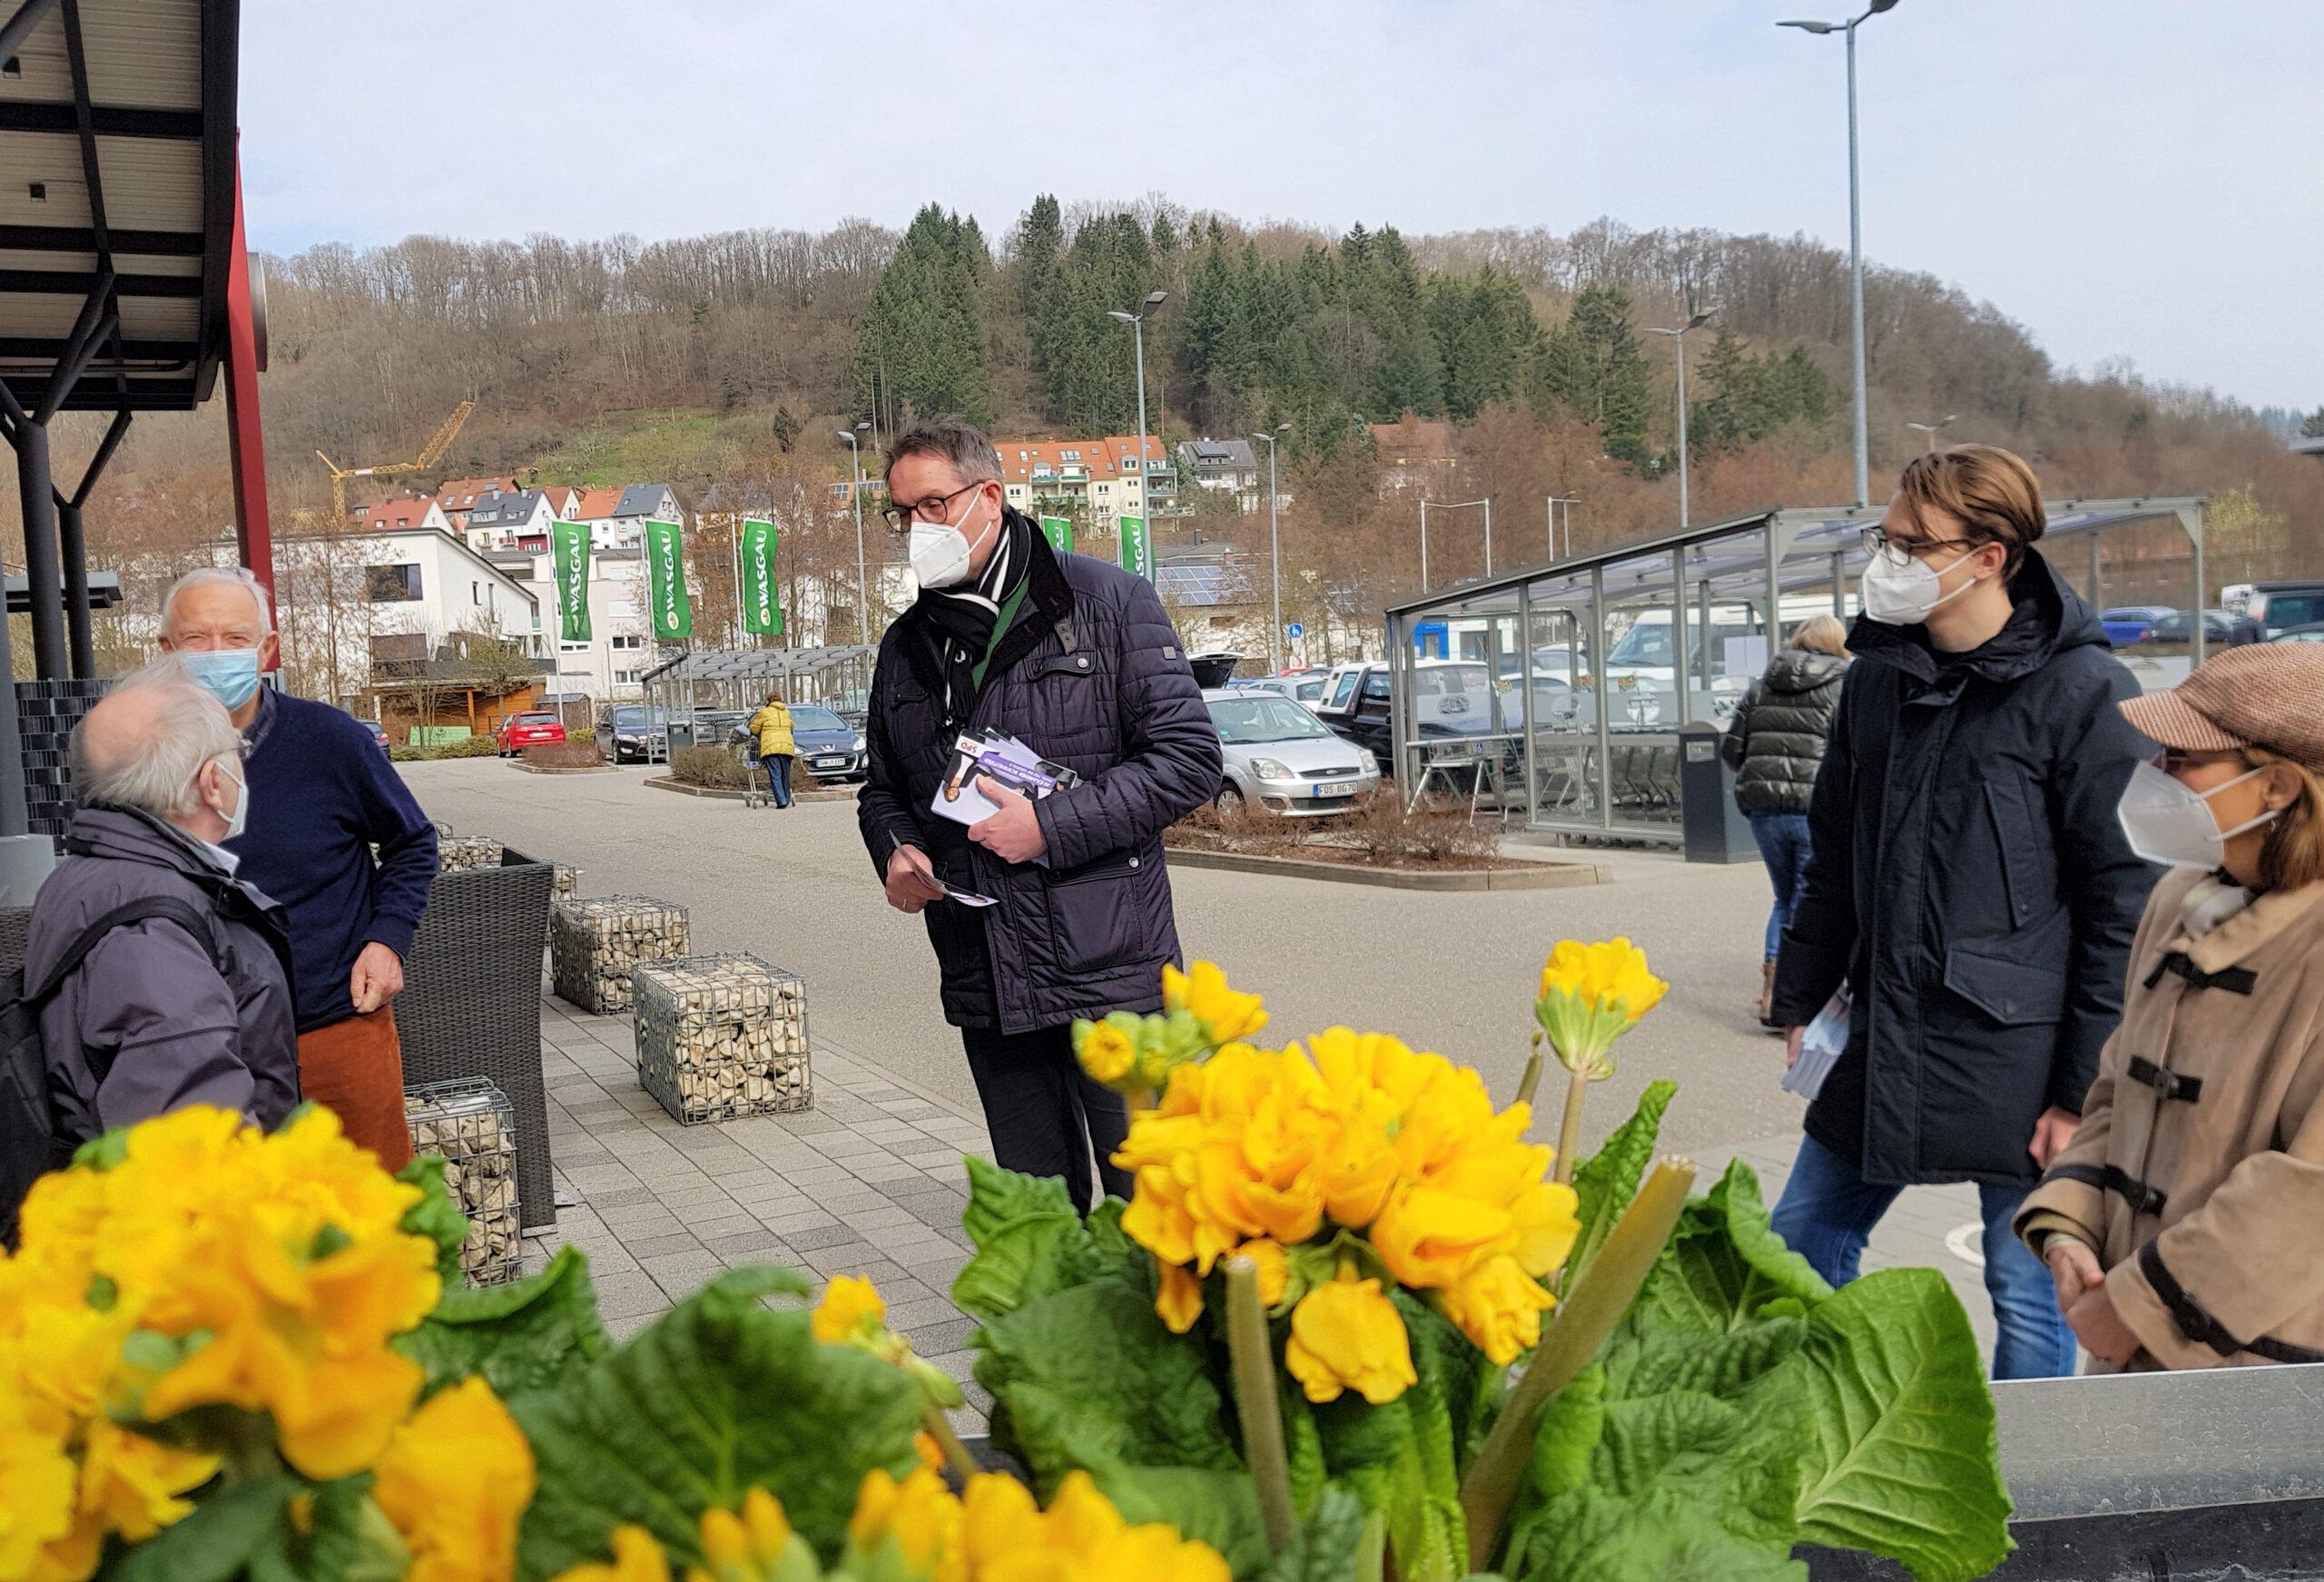 SPD-Direktkandidat Alexander SchweitzerGespräche in frischer Luft mit Abstand und Maske